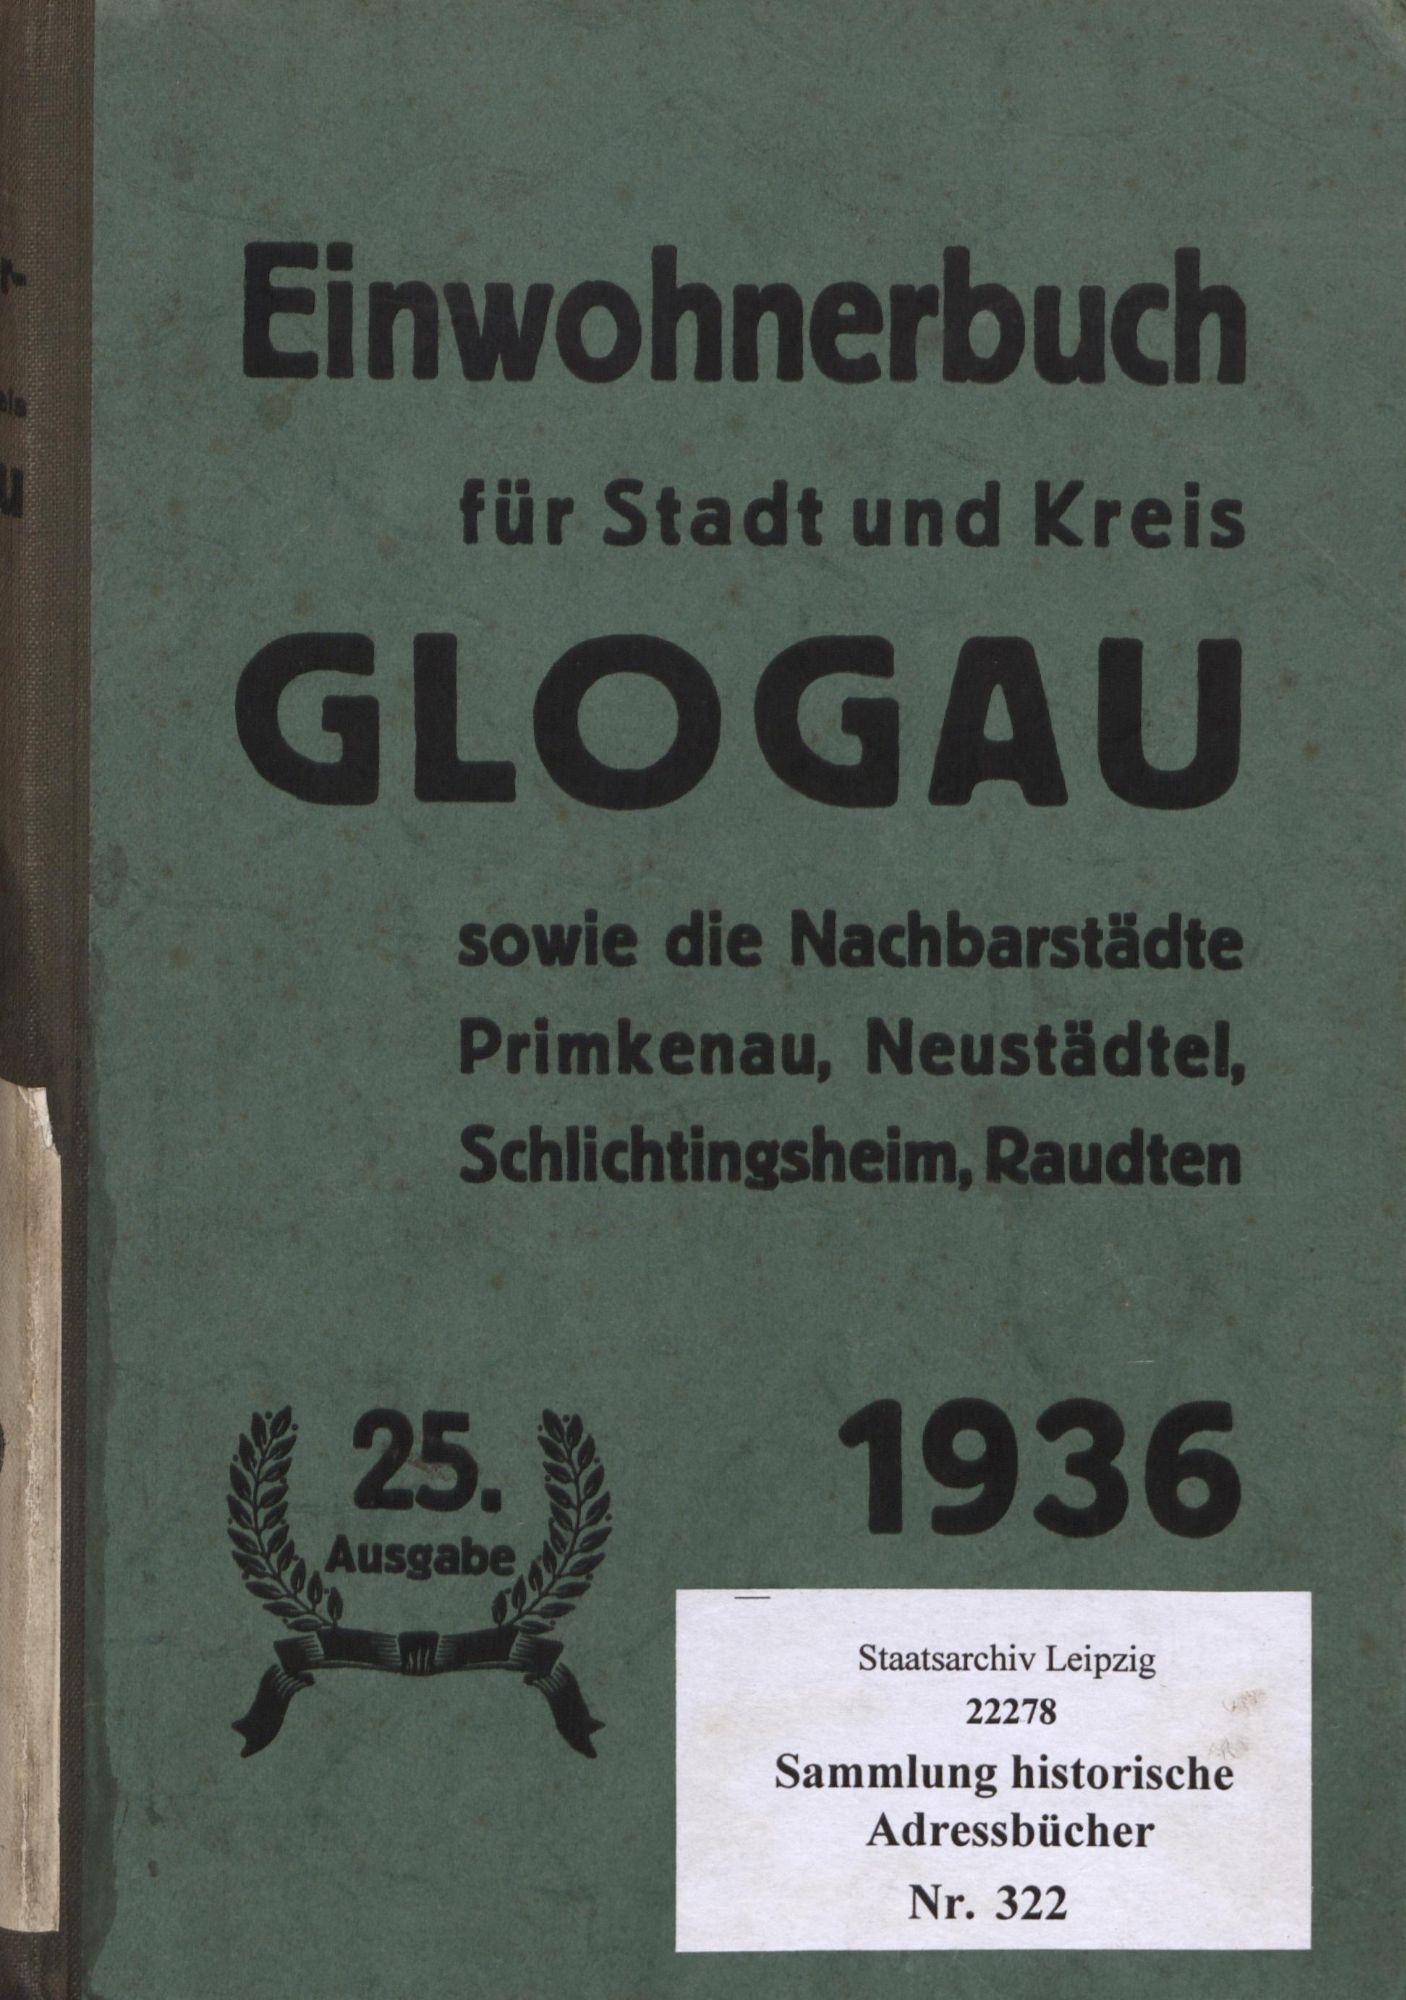 Einwohnerbuch für Stadt und Kreis Glogau 1936